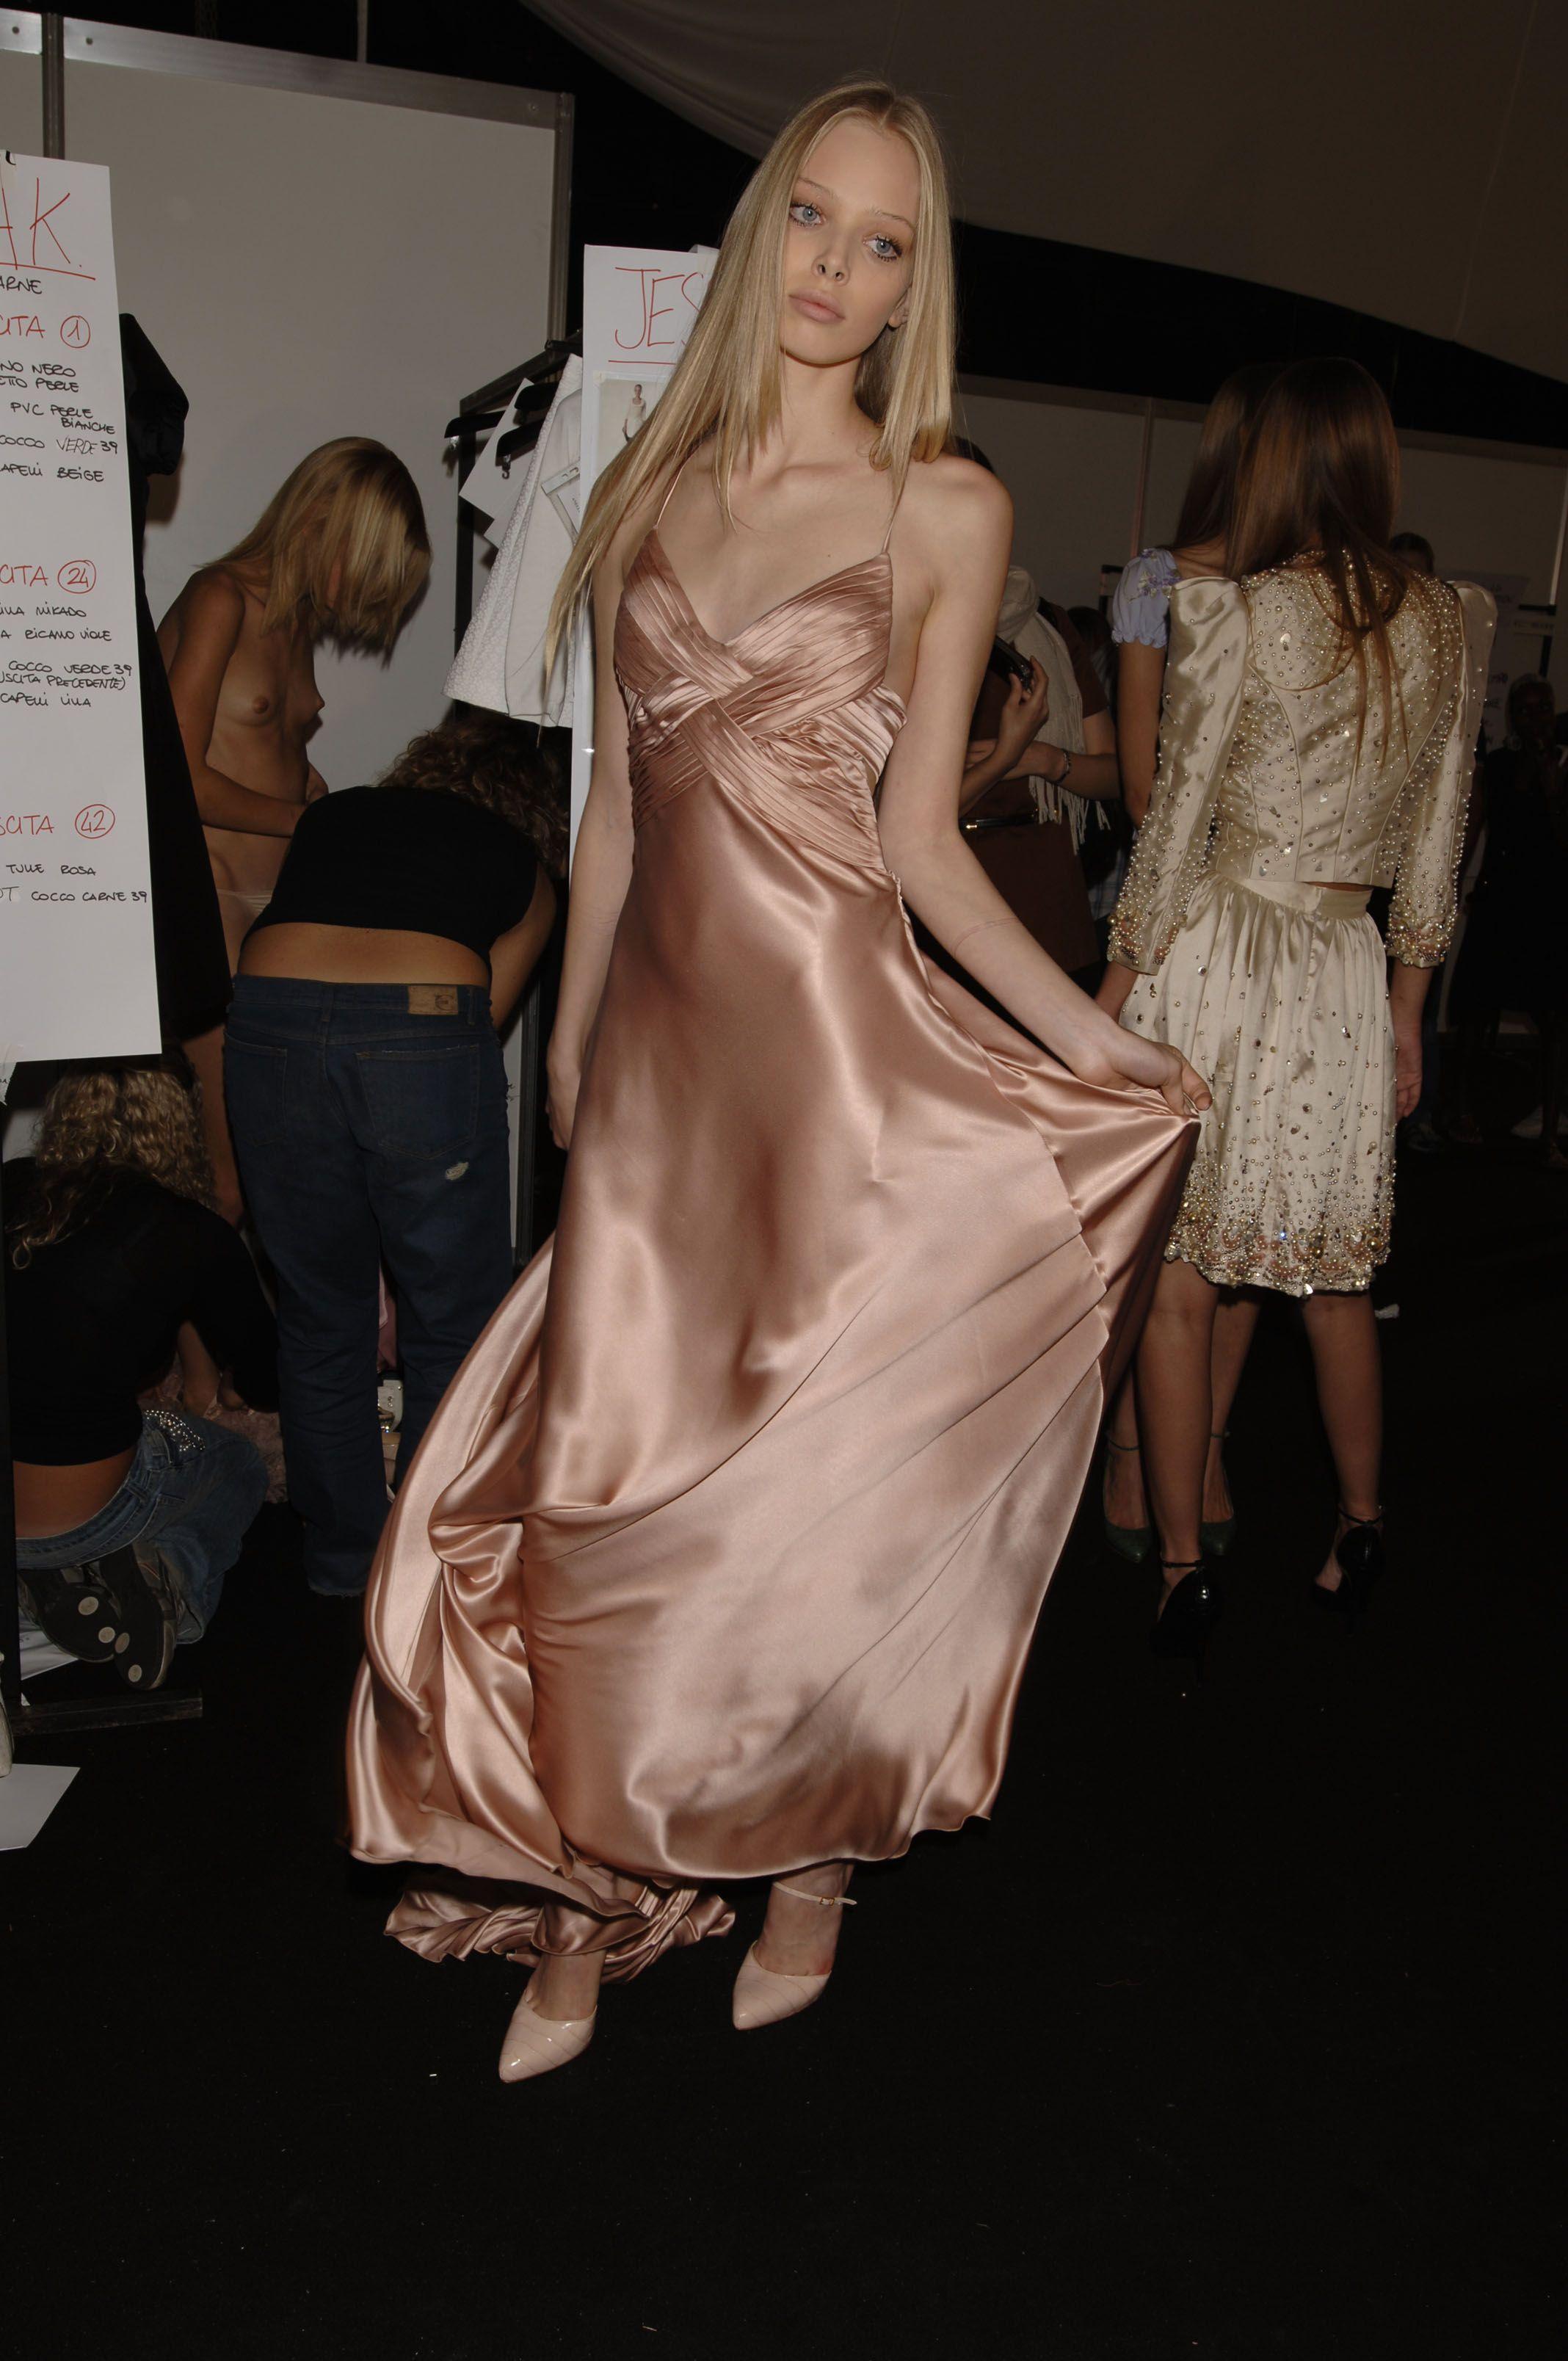 【巨乳あり】ファッションショーの裏側の様子をご覧くださいwwwwwwwwww(画像63枚)・3枚目